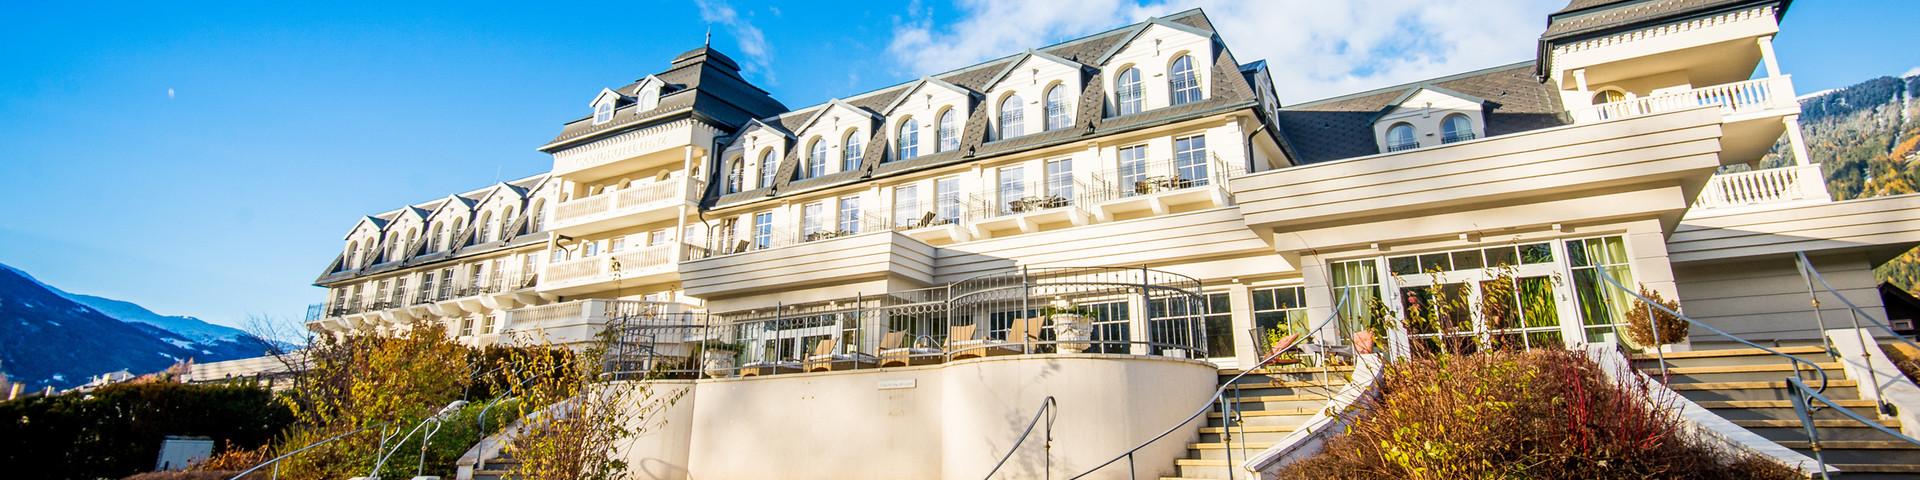 Grandhotel Lienz - Aussenansicht © Grandhotel Lienz